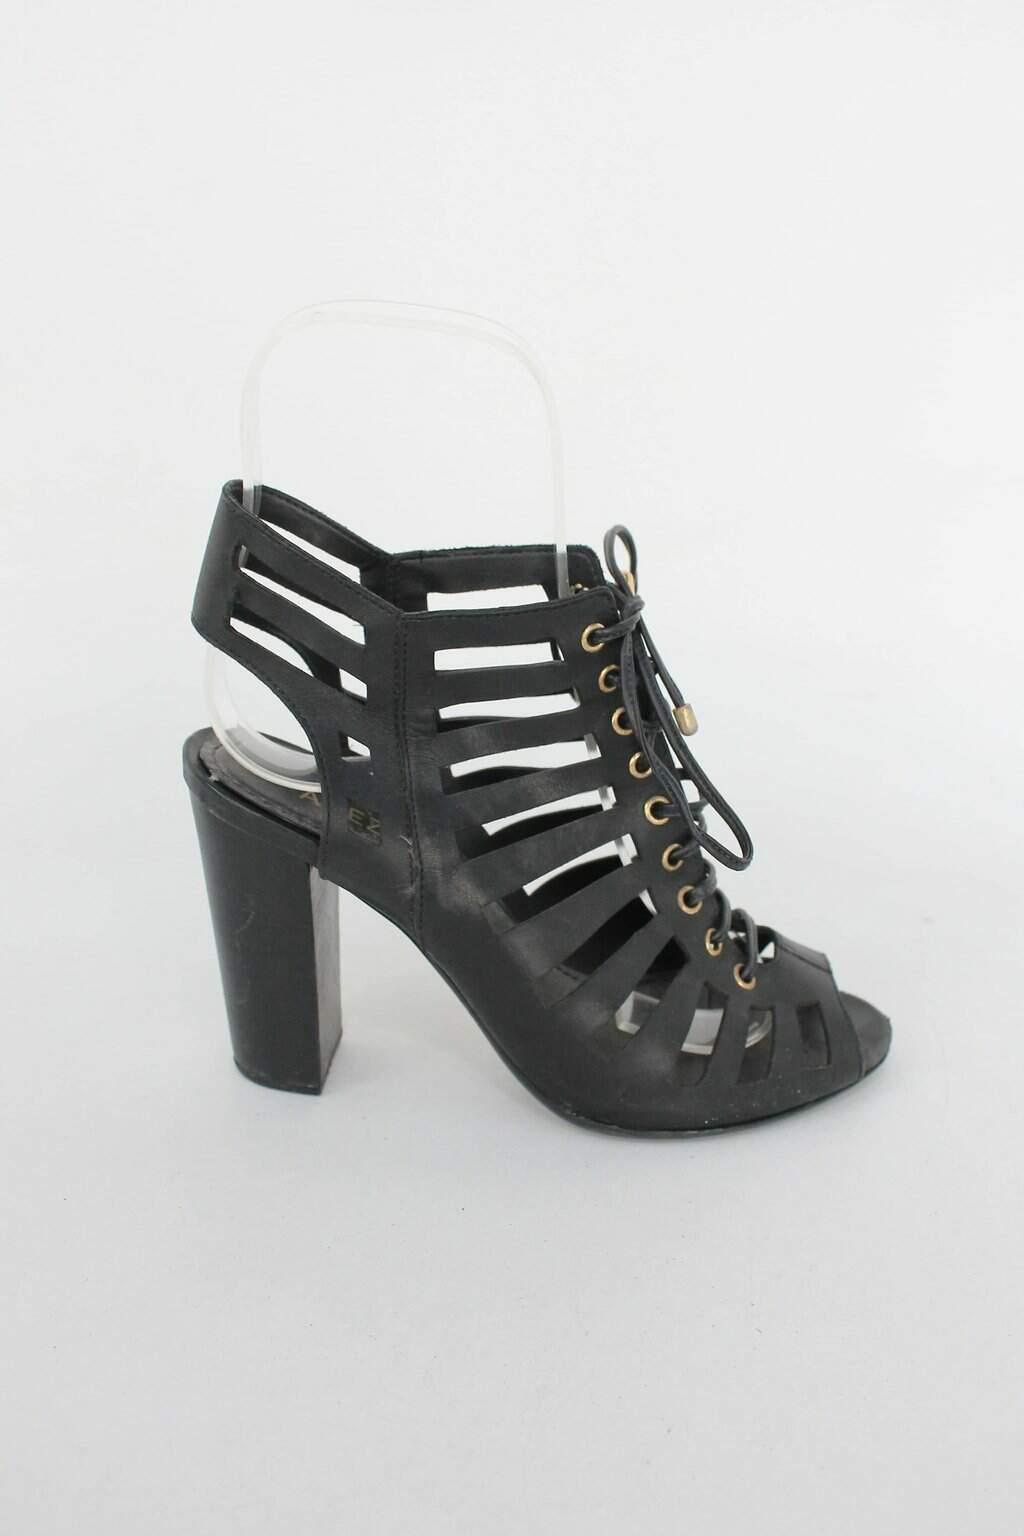 Sandalia de tiras arezzo feminina preta